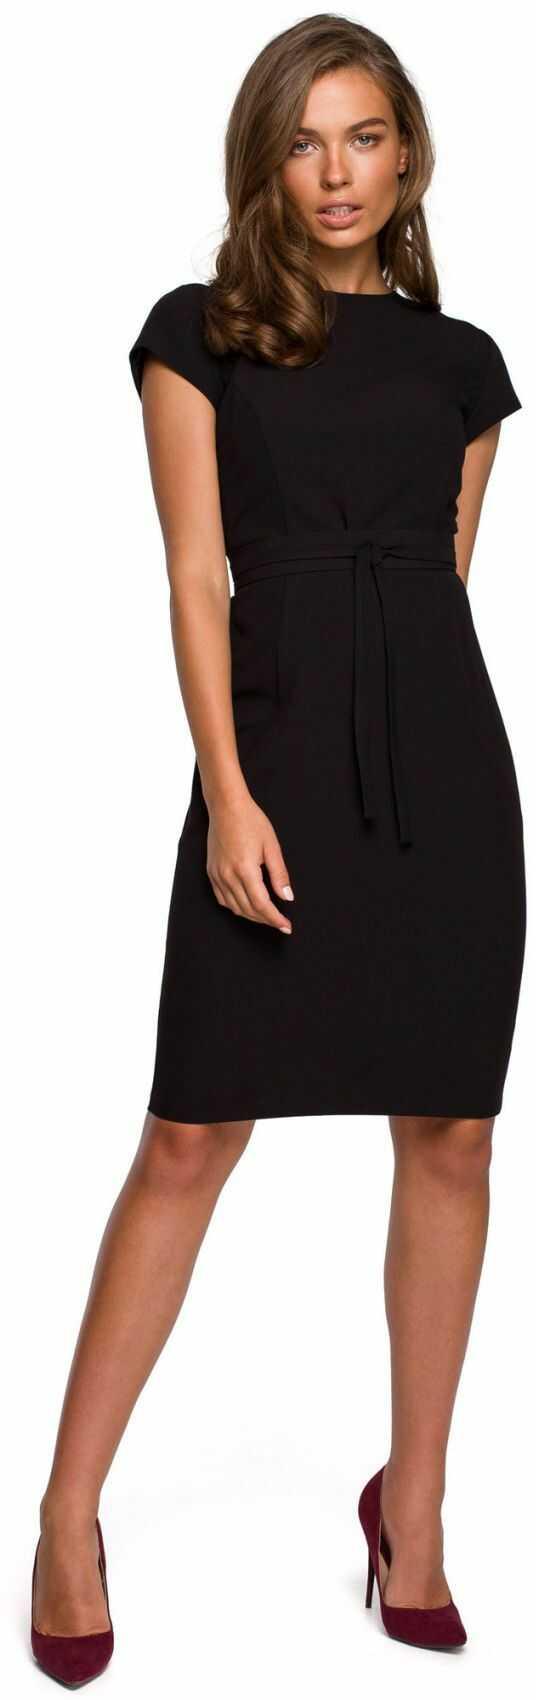 S239 Sukienka ołówkowa z przeszyciami - czarna